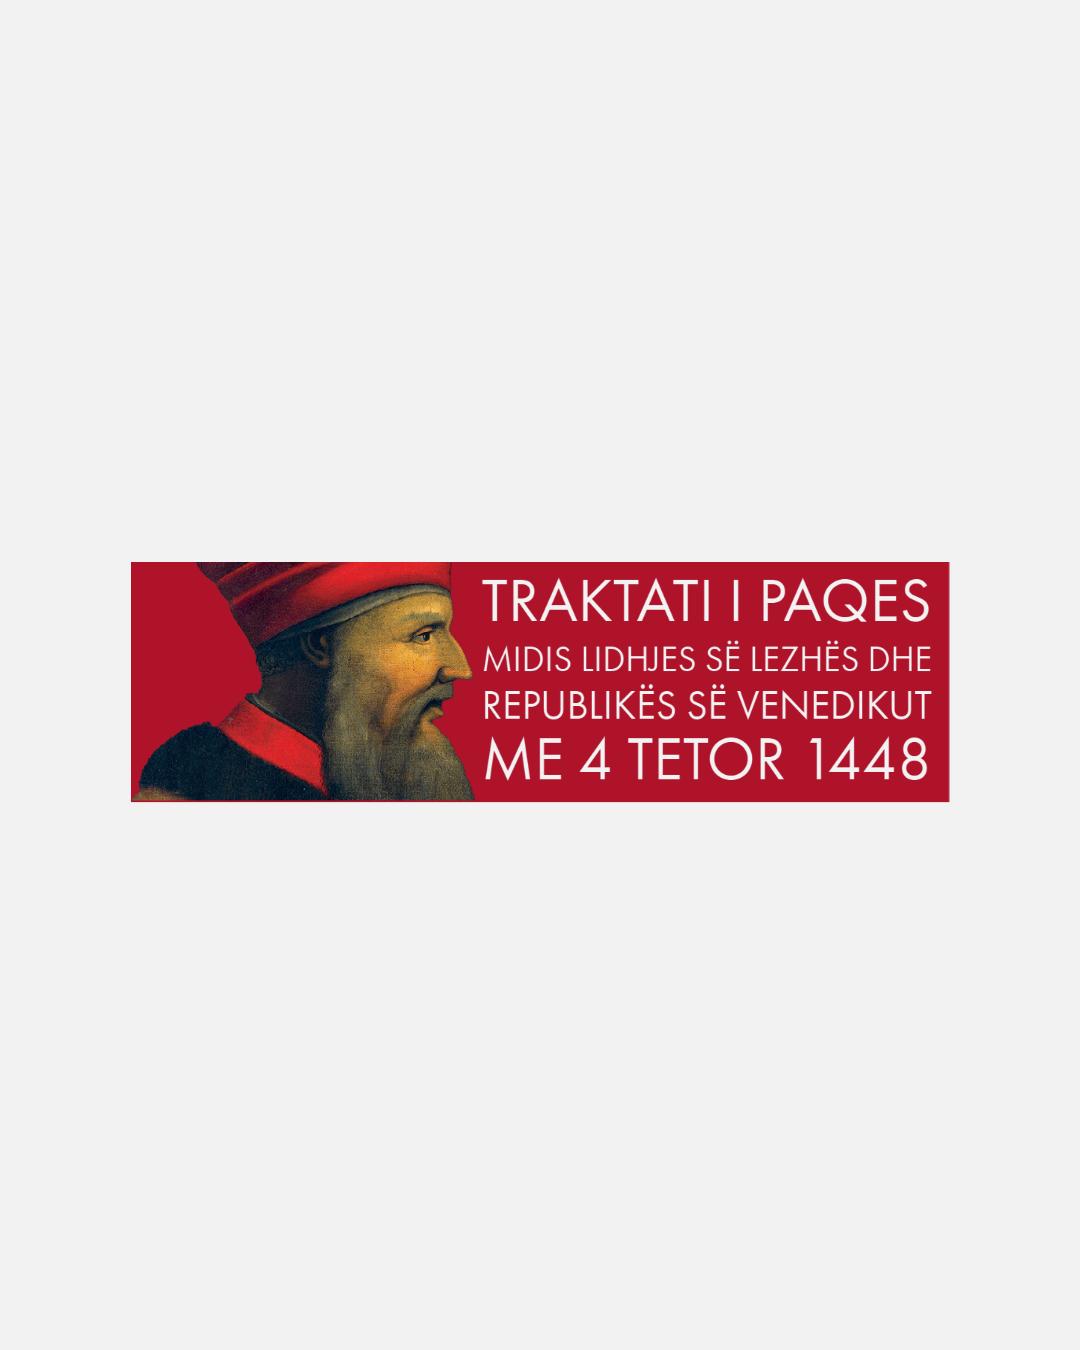 Traktati i Paqes midis Lidhjes së Lezhës dhe Republikës së Venedikut me 4 tetor 1448